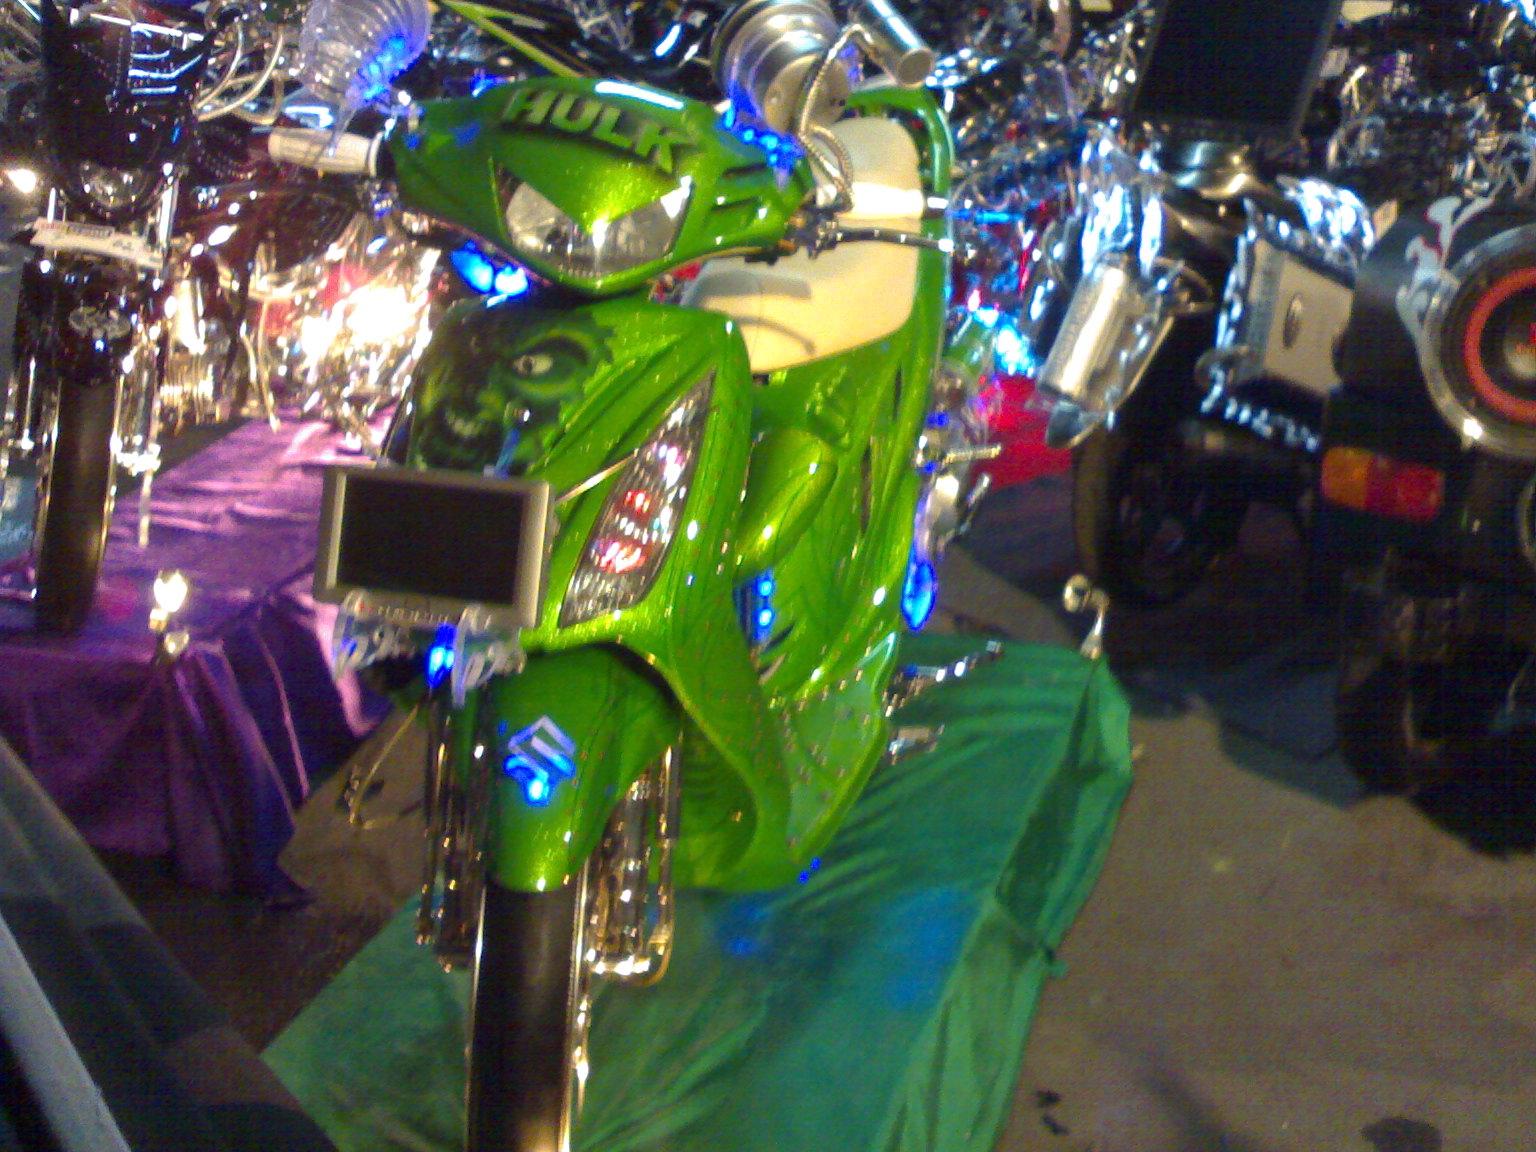 Modif Yamaha Fix R Modifikasi Motor Yamaha